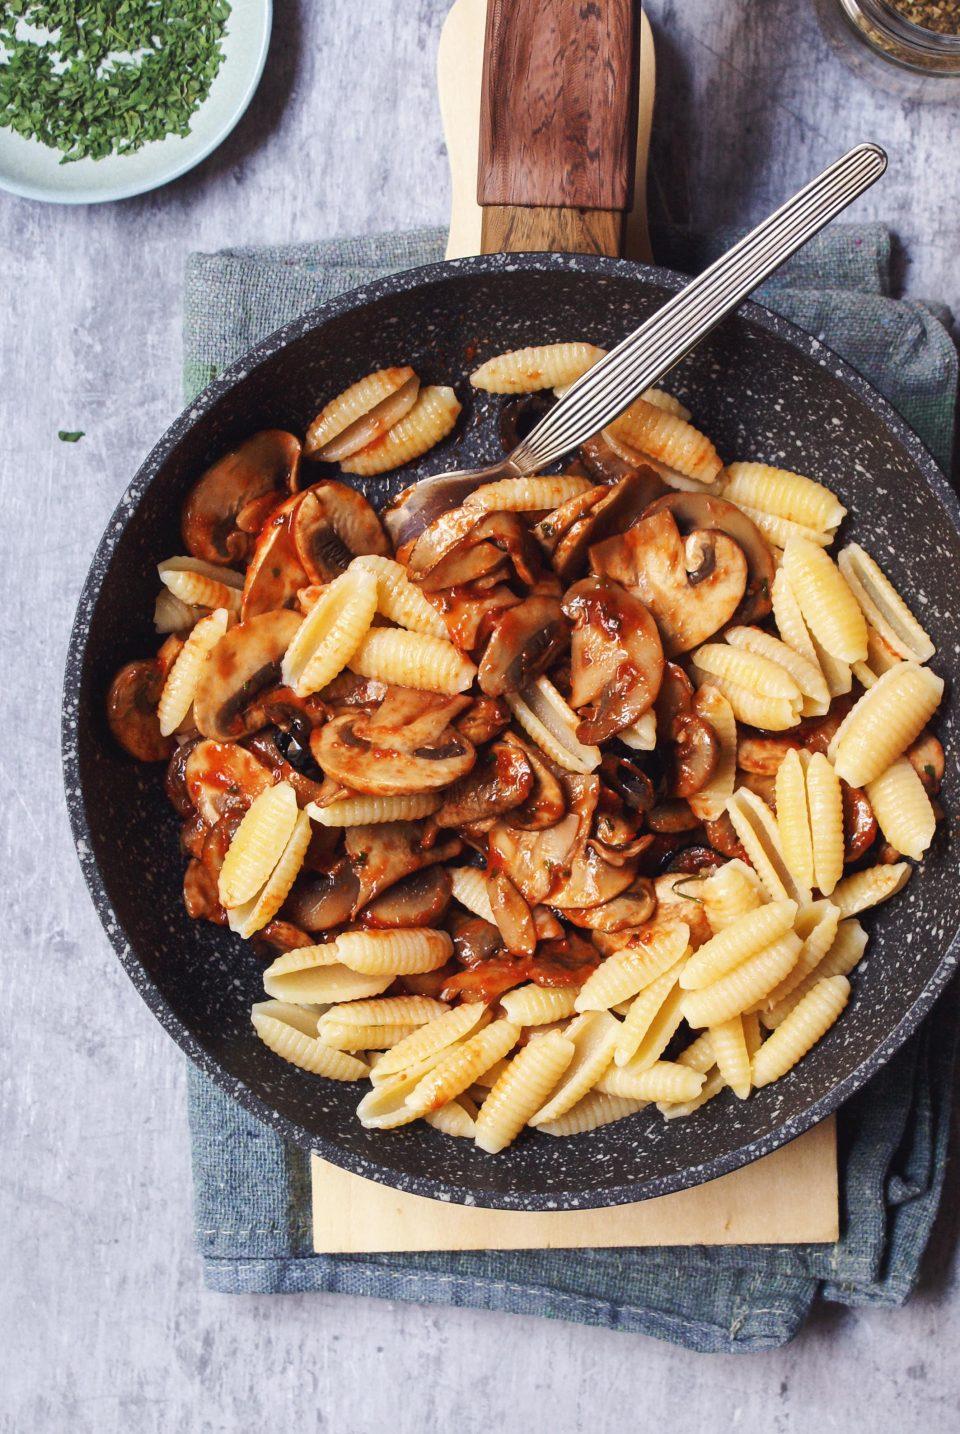 Pasta con funghi e pomodoro, olive nere e prezzemolo